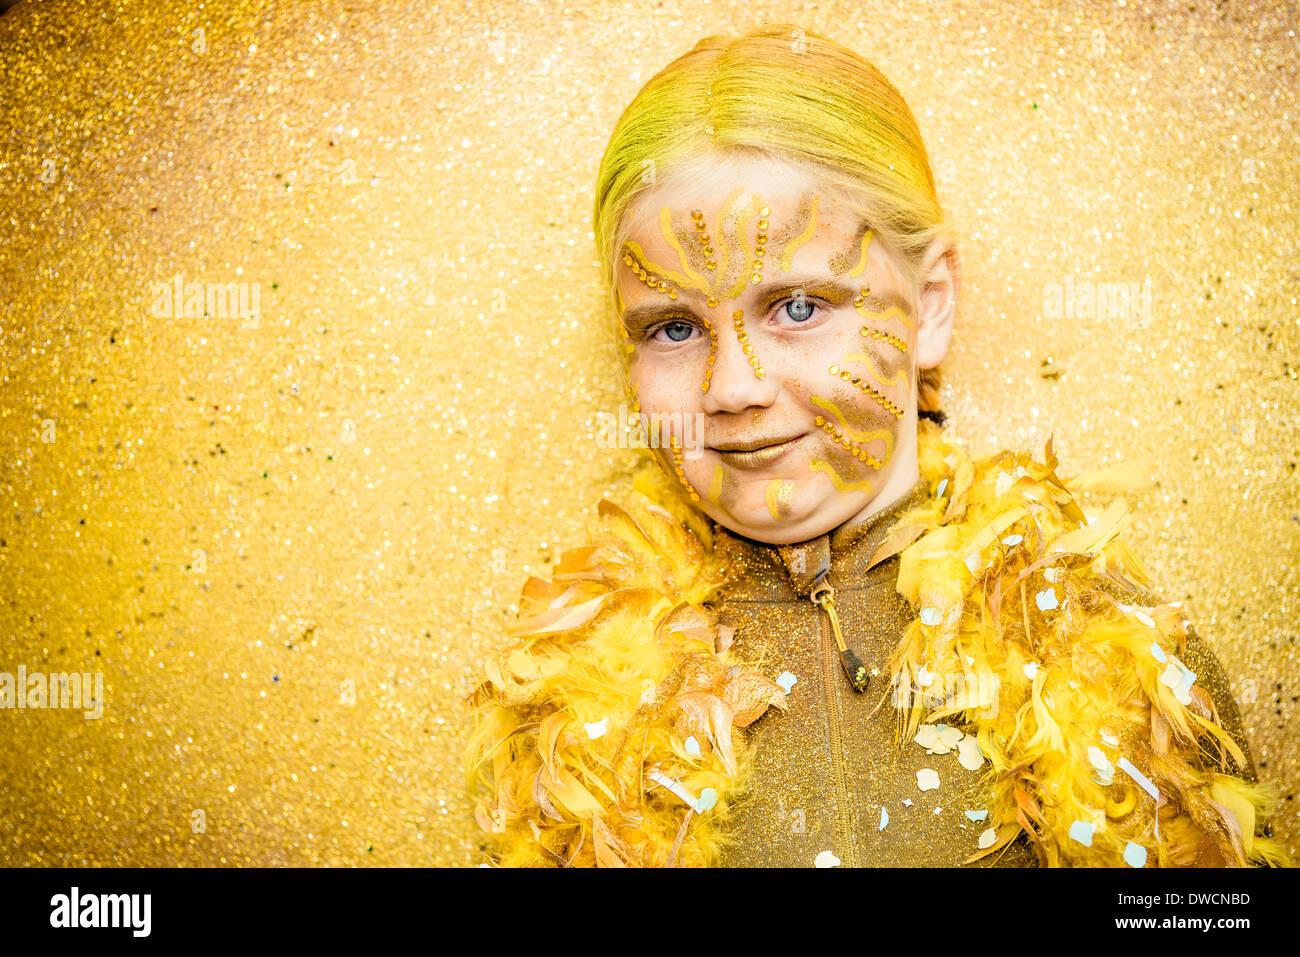 Sitges, España. Marzo 4th, 2014: una niña en un traje de fantasía danzas de los niños durante el desfile de carnavalFoto de stock